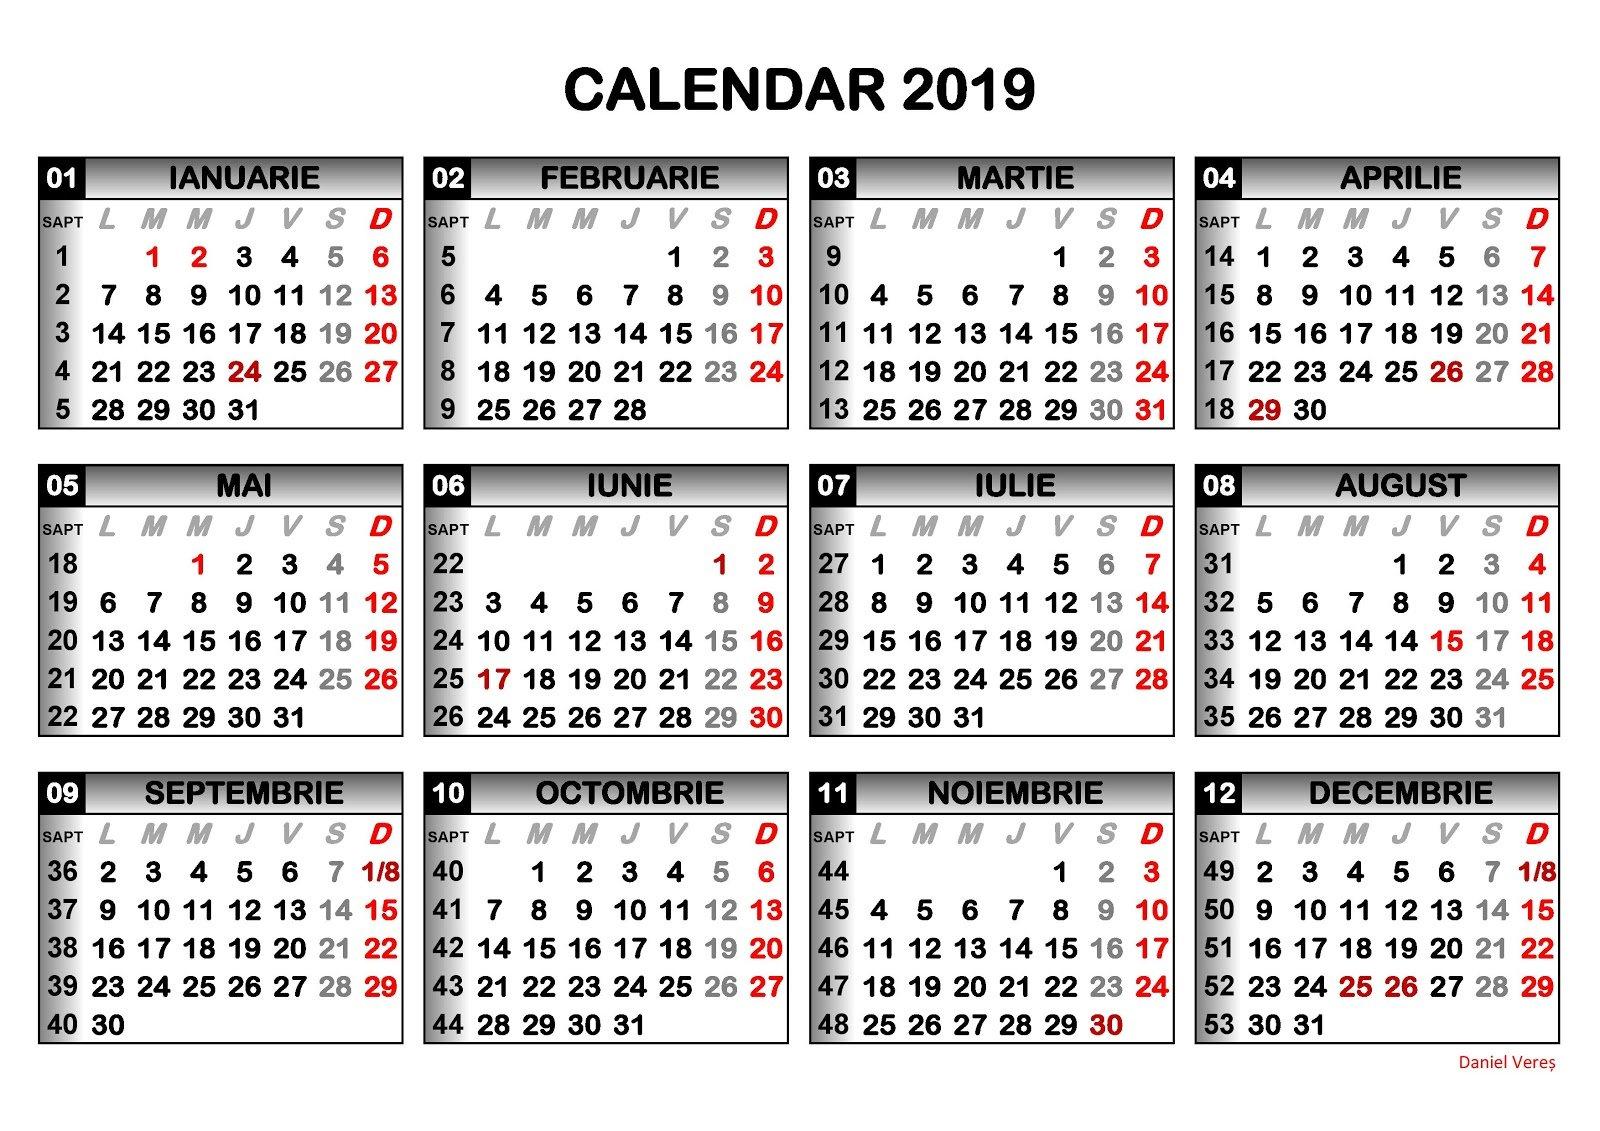 Ziar Piatra-Neamt Câte Zile Libere Ne Așteaptă În 2019 - Ziar Piatra Calendar 2019 Zile Libere